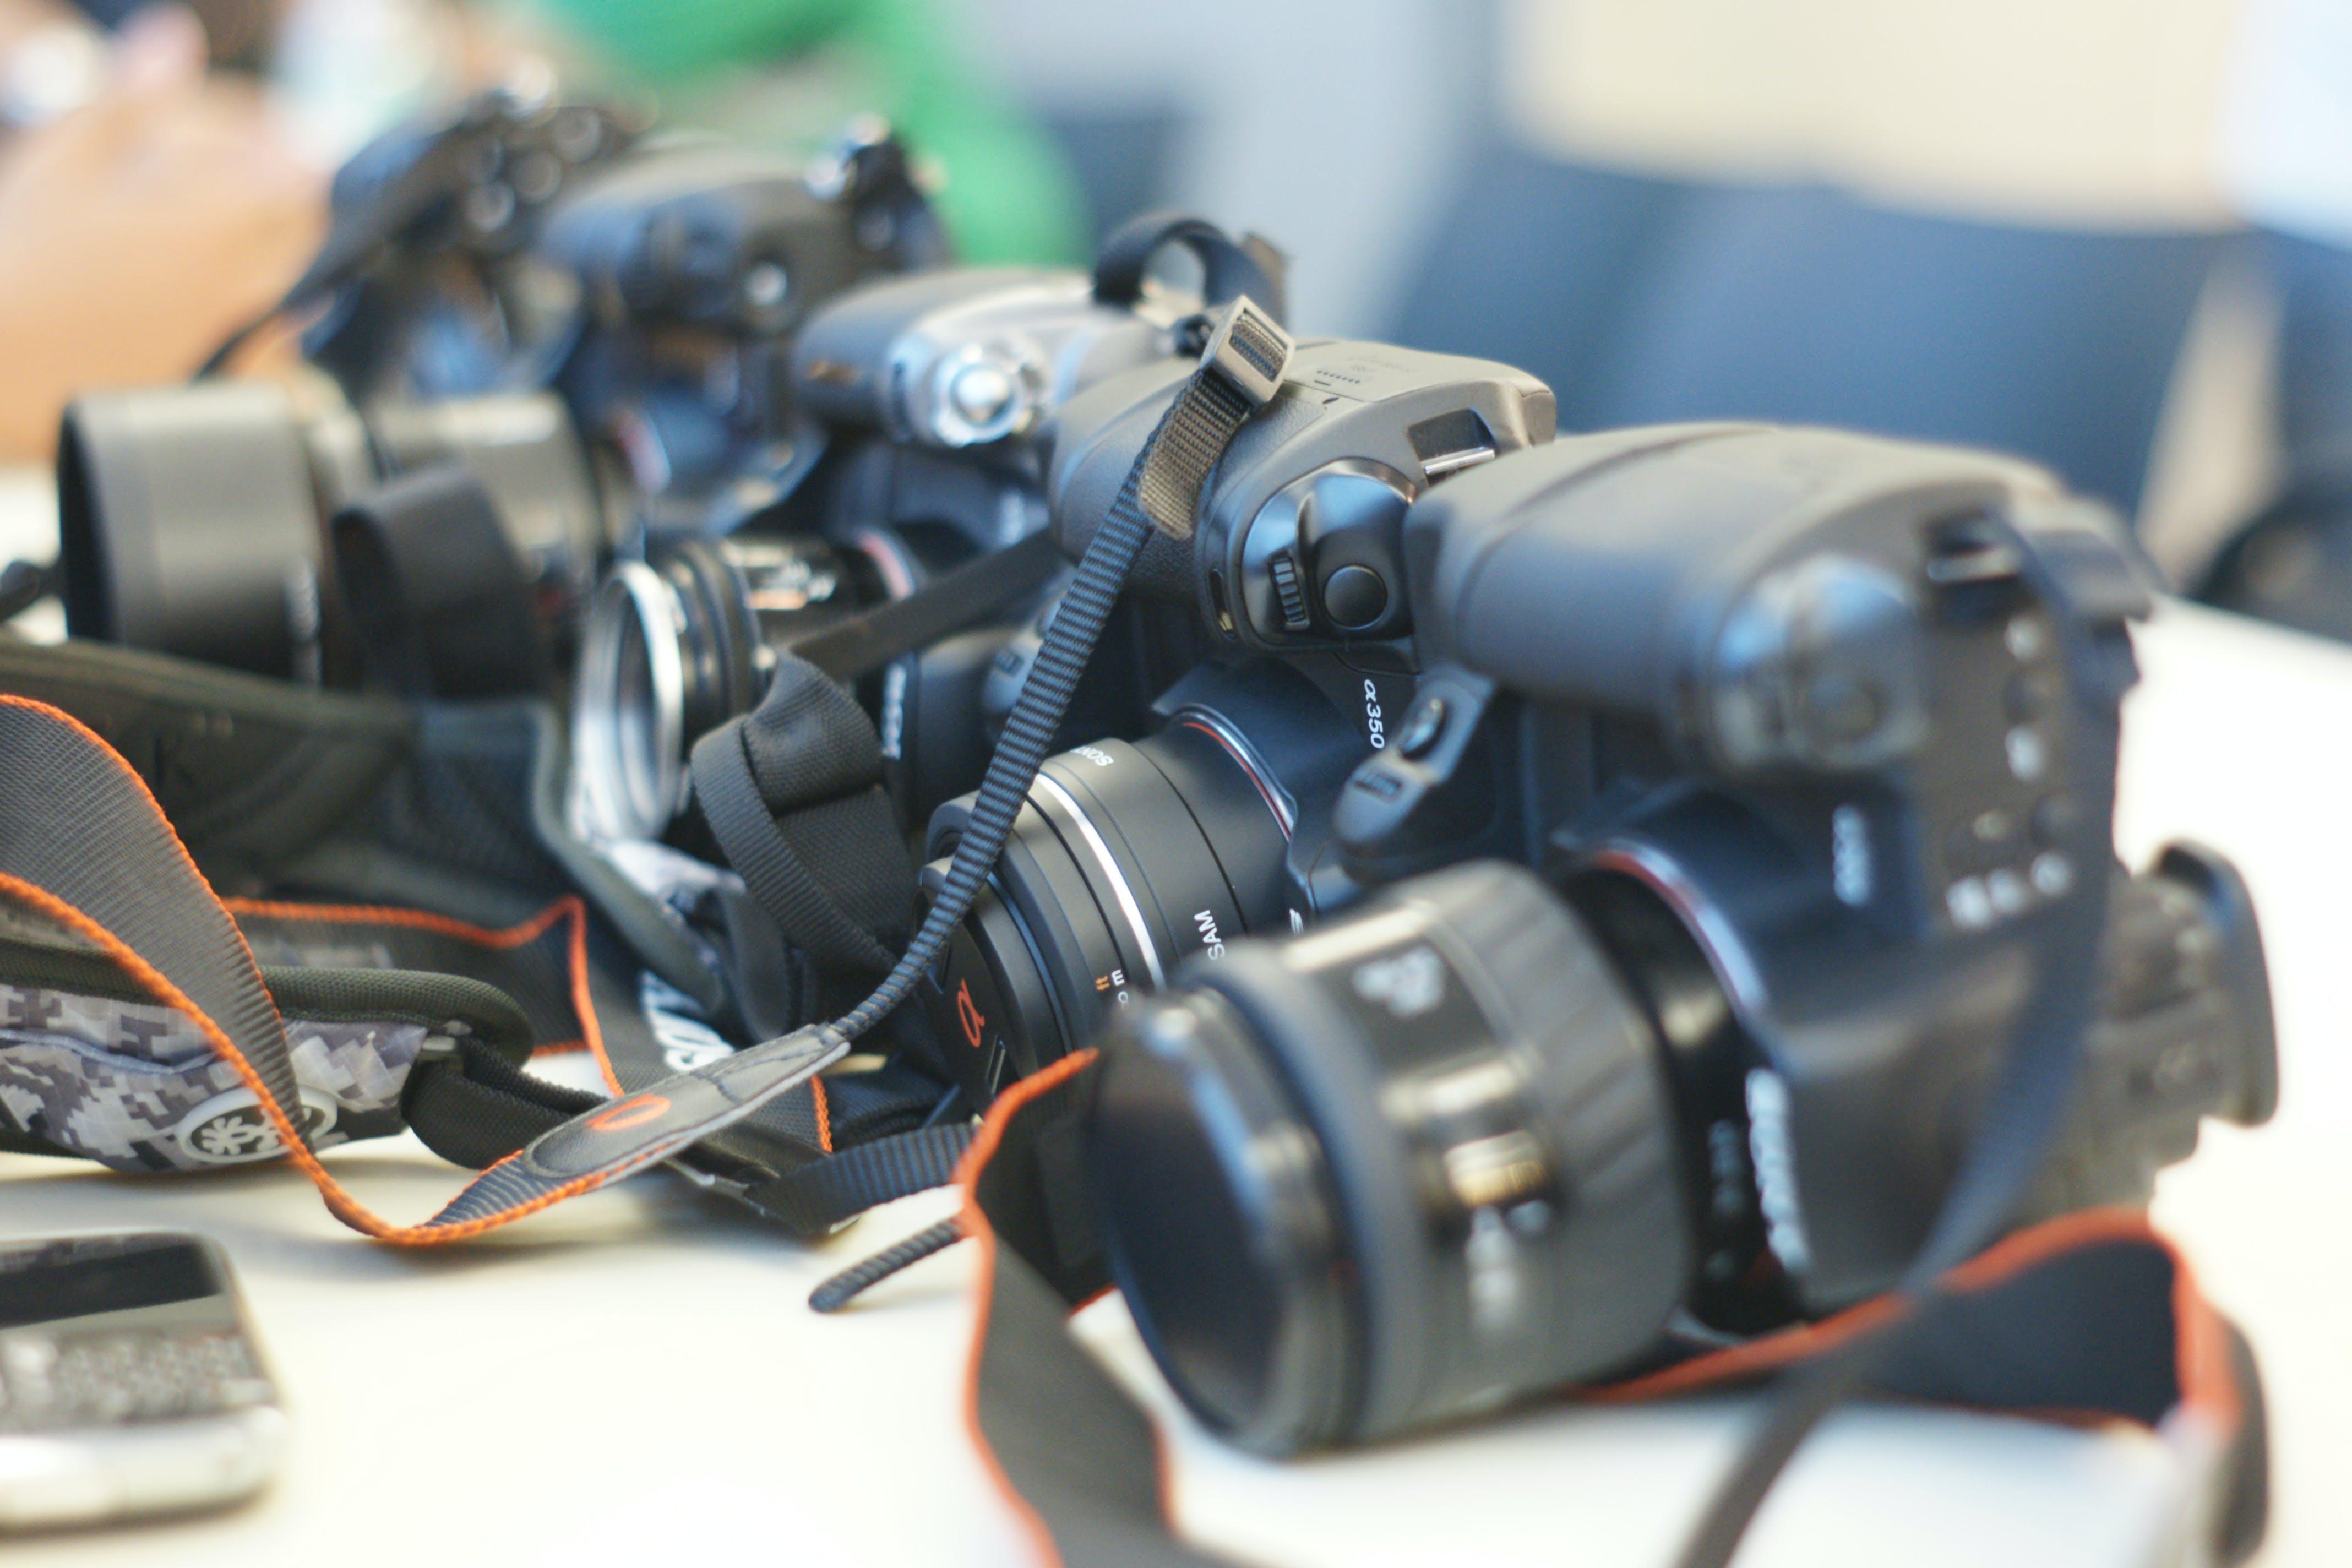 Free stock photo of camera, camera lens, camera strap, cameras